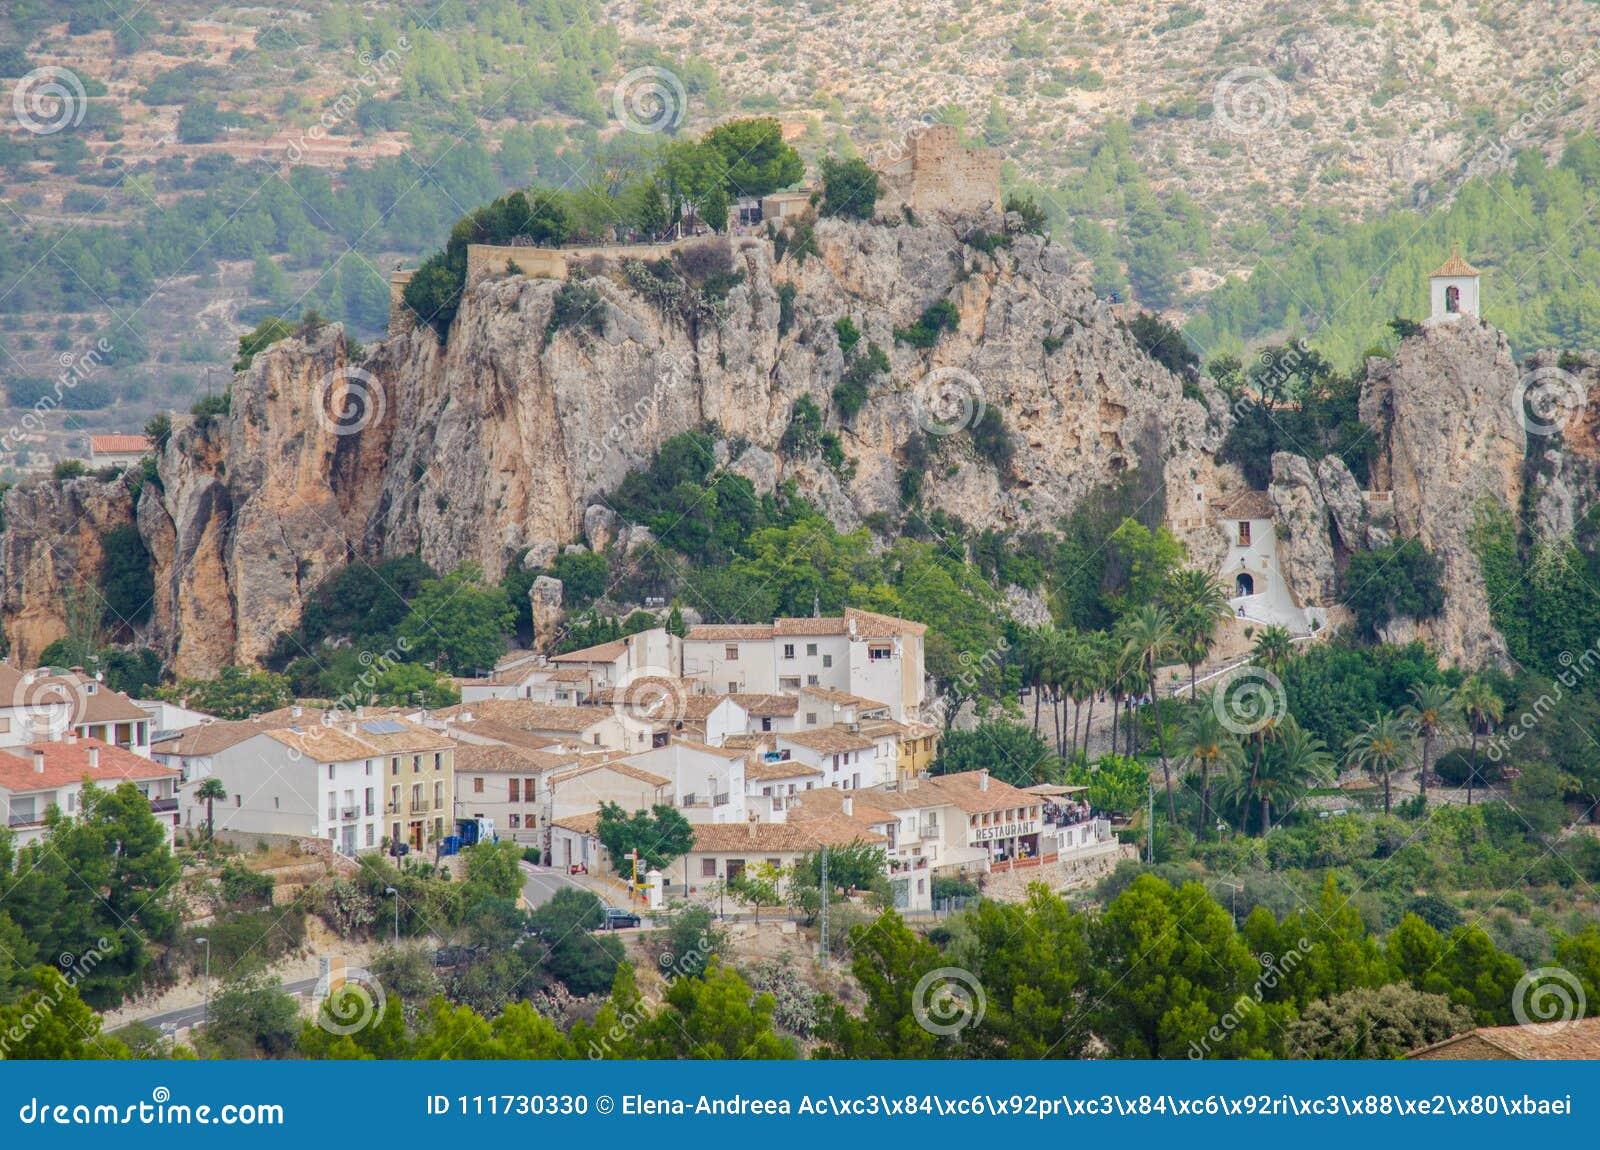 Castillo De Guadalest Costa Blanca Provincia De Alicante